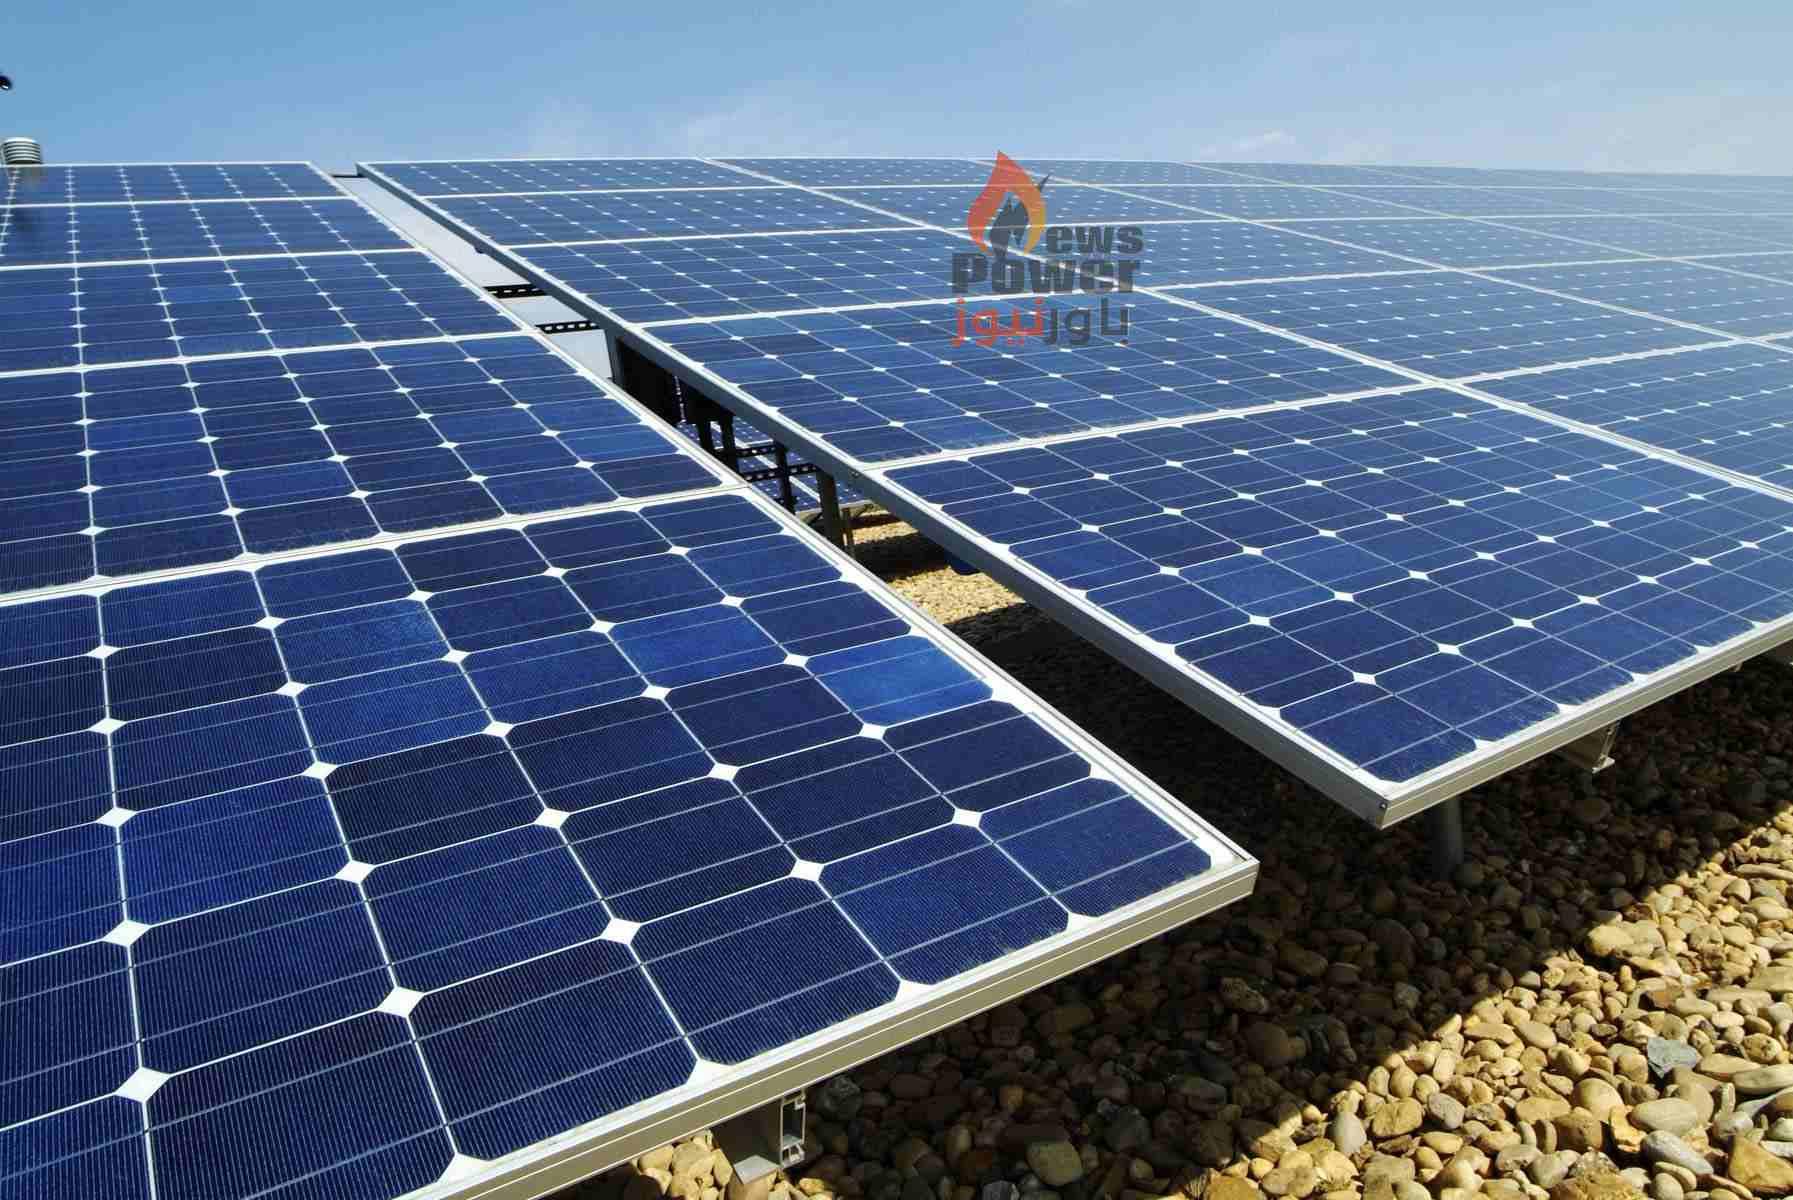 المطورون الثلاث لمشاريع الطاقة الشمسية ينتظرون الآن تعديلاً نهائياً من الحكومة فى اتفاقية حق الانتفاع تمهيداً للتوقيع وبدء التنفيذ